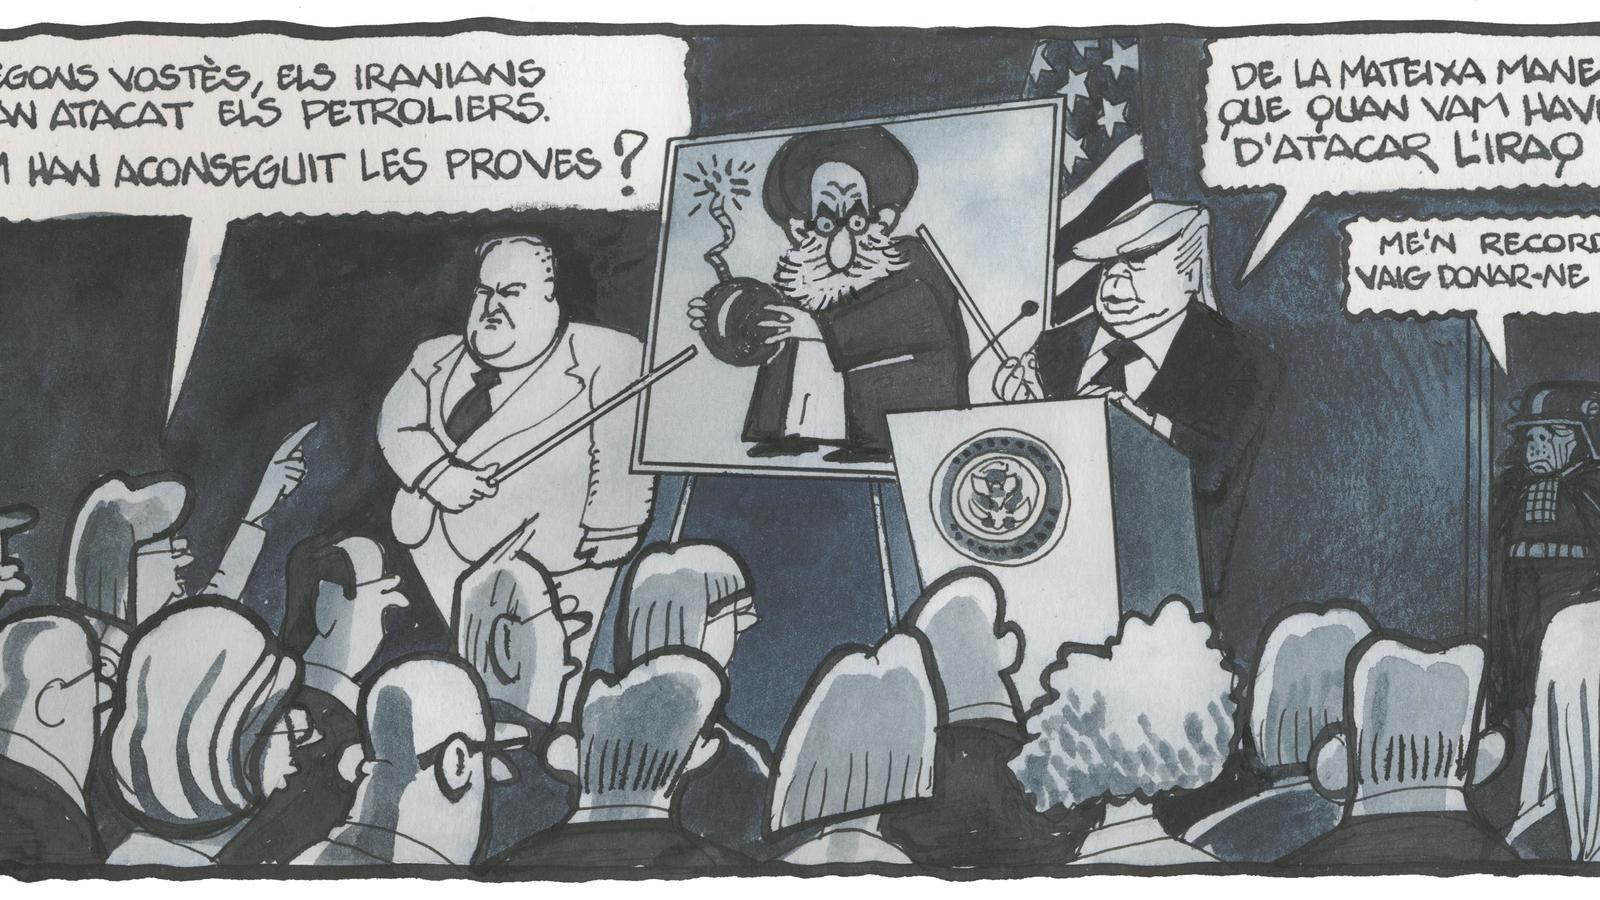 'A la contra', per Ferreres (19/06/2019)